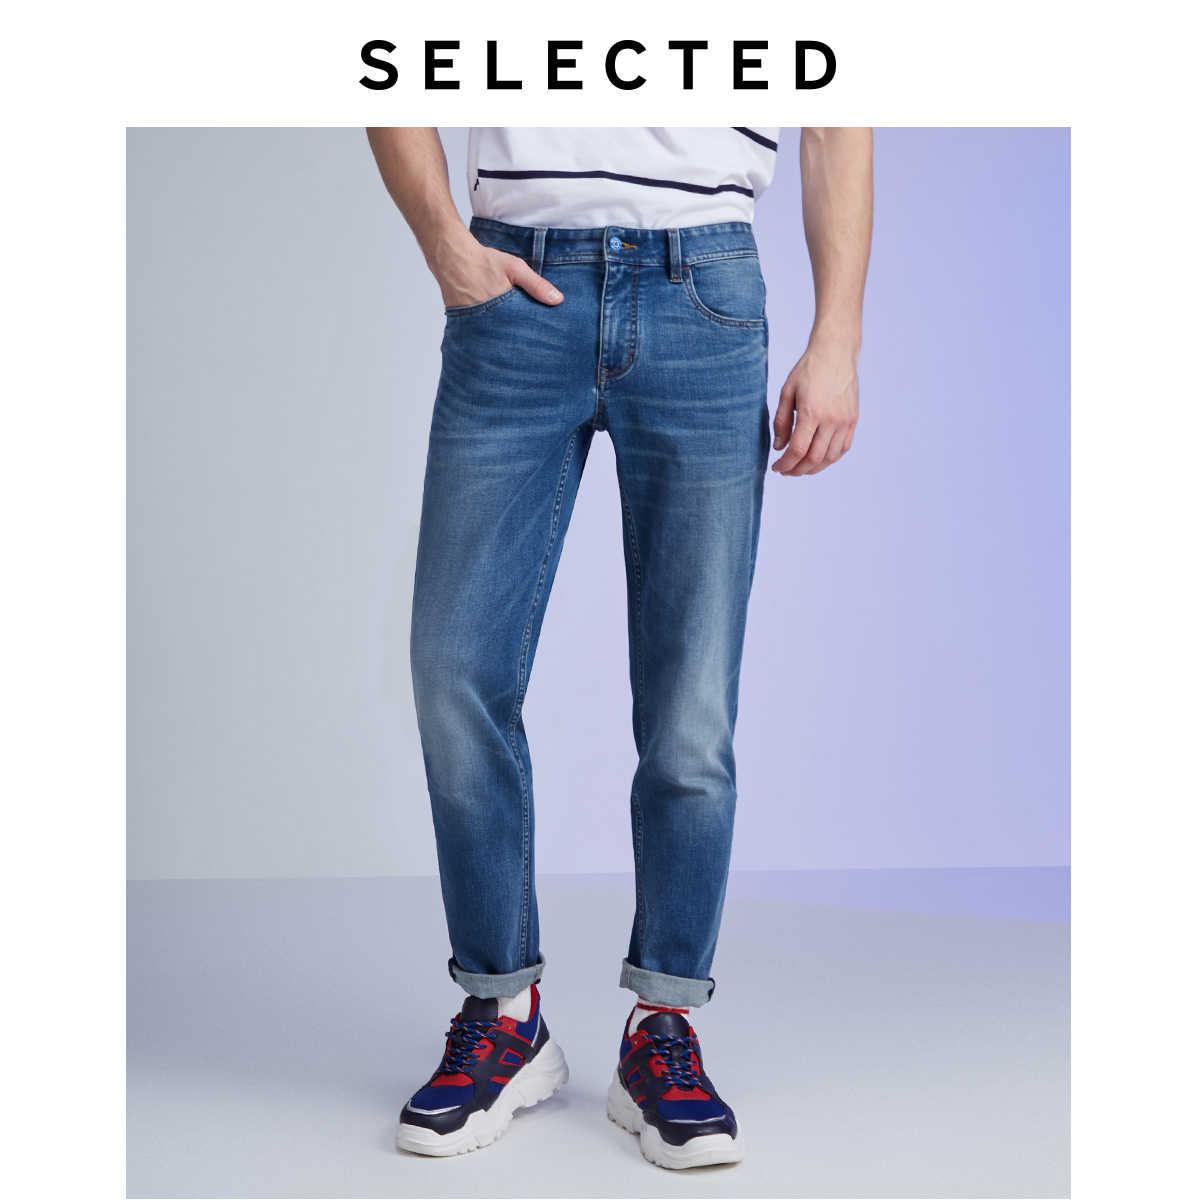 Geselecteerd Mannen Slim Fit Denim Broek Stretch-Katoen Blend Slim Fit Jeans Lab   419432523